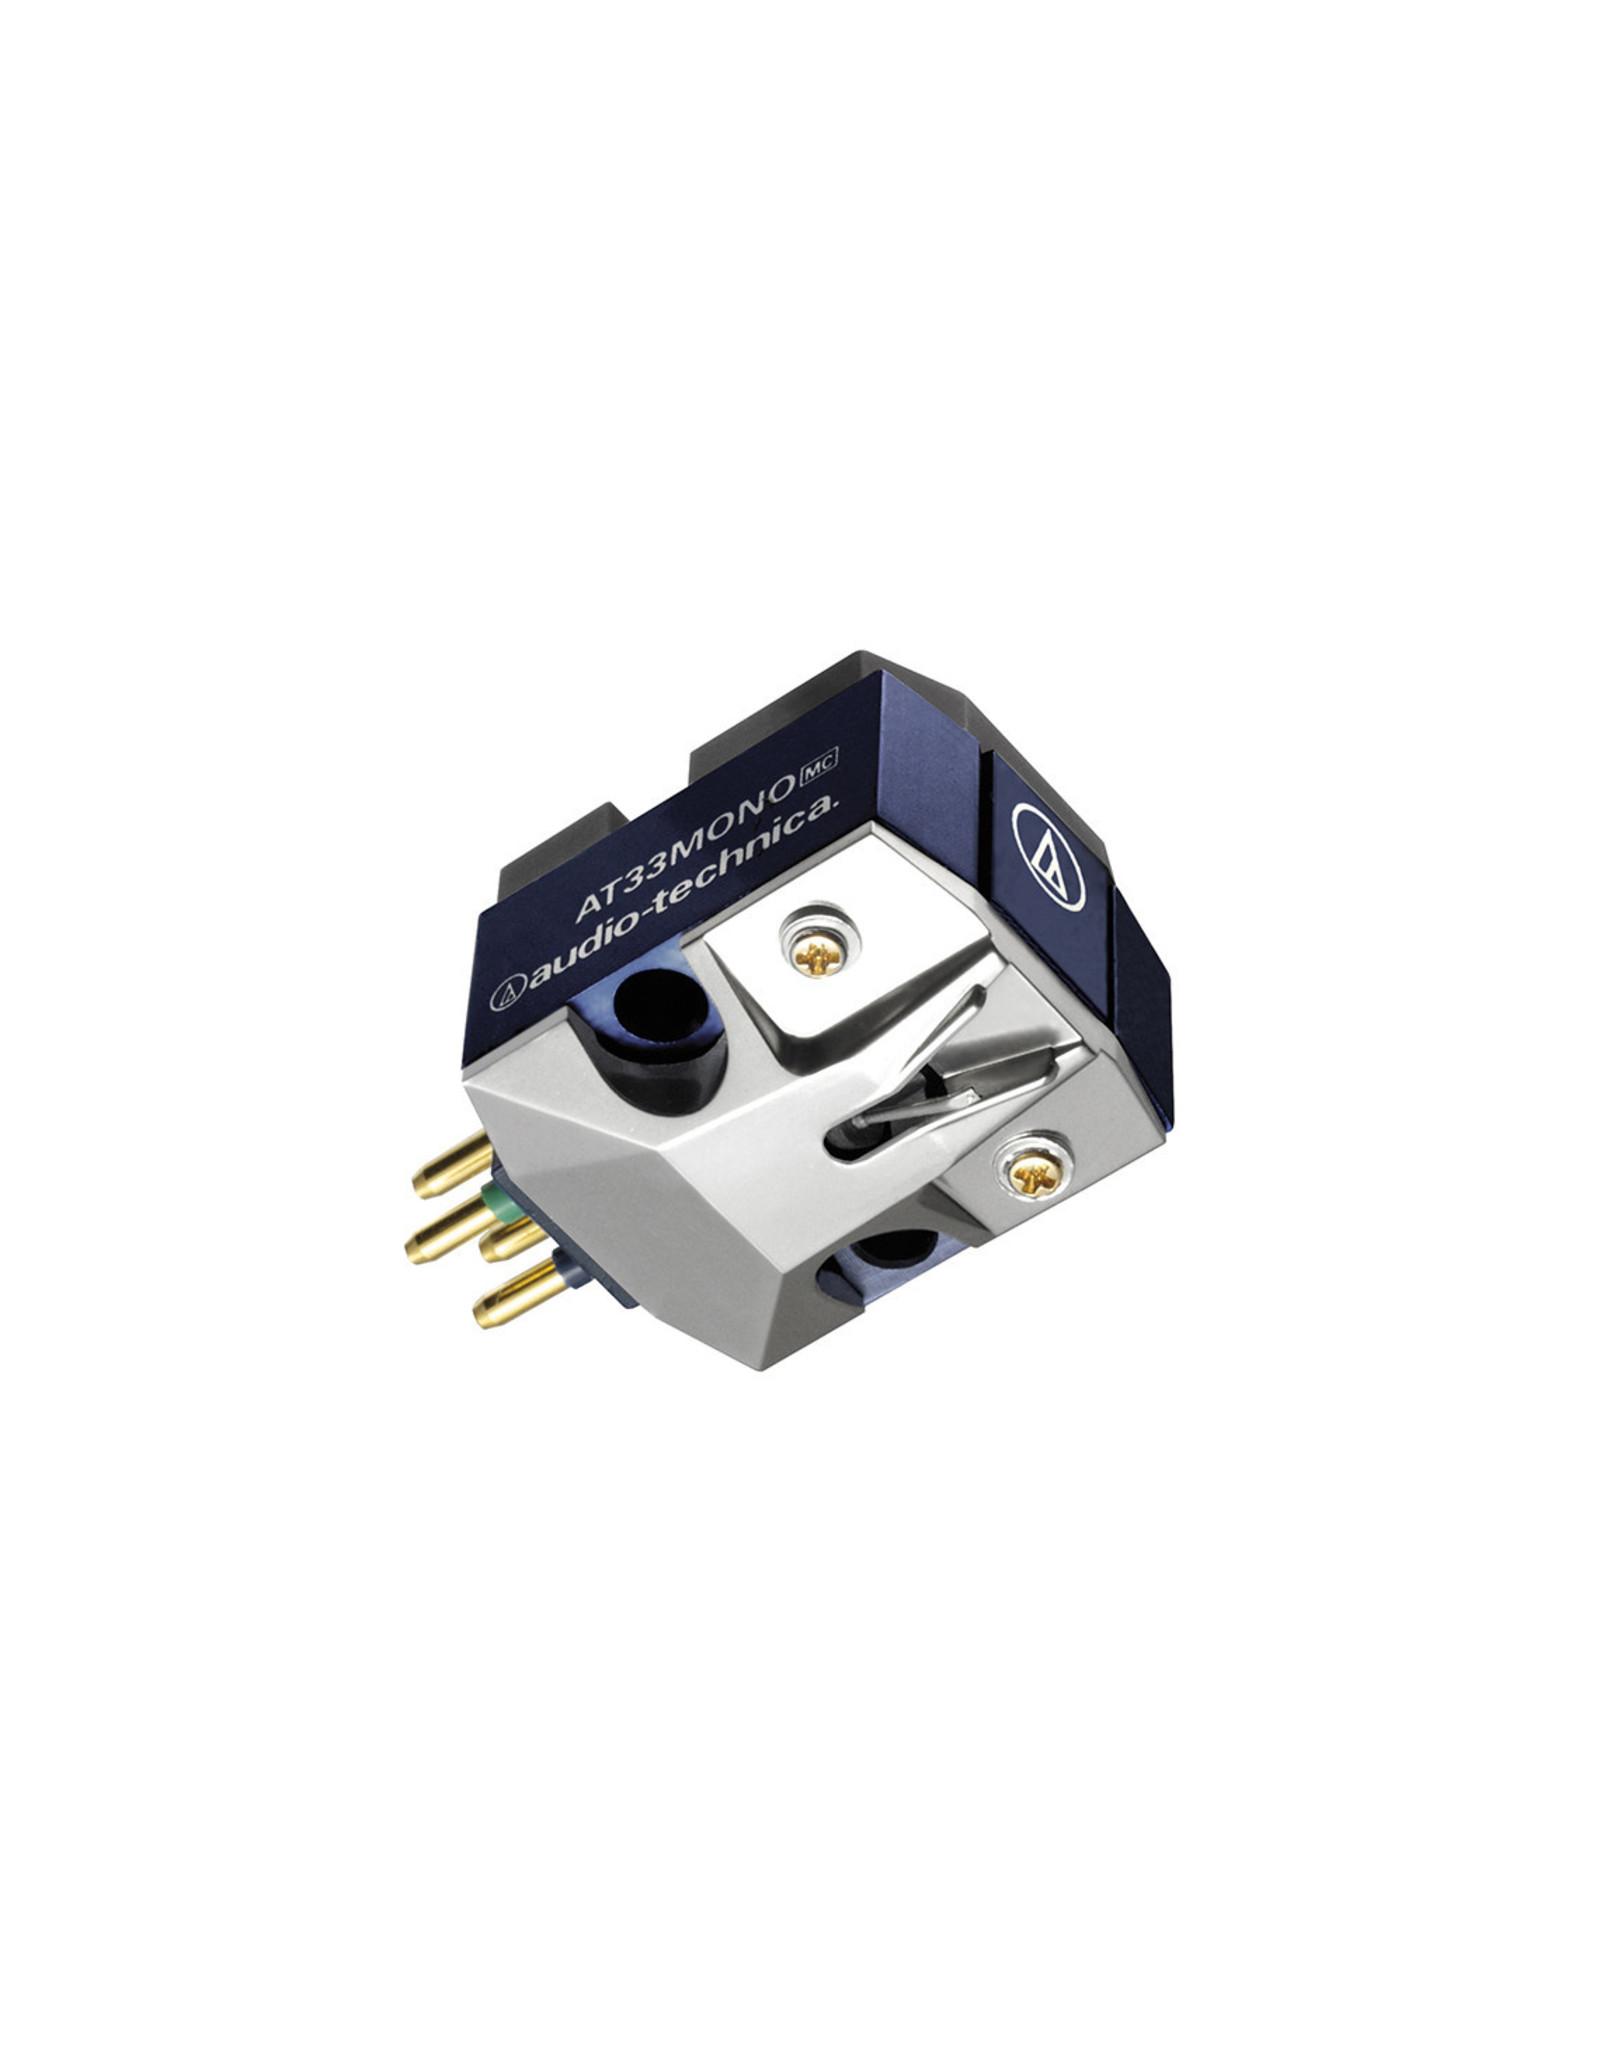 Audio-Technica Audio-Technica AT33MONO Mono MC Phono Cartridge